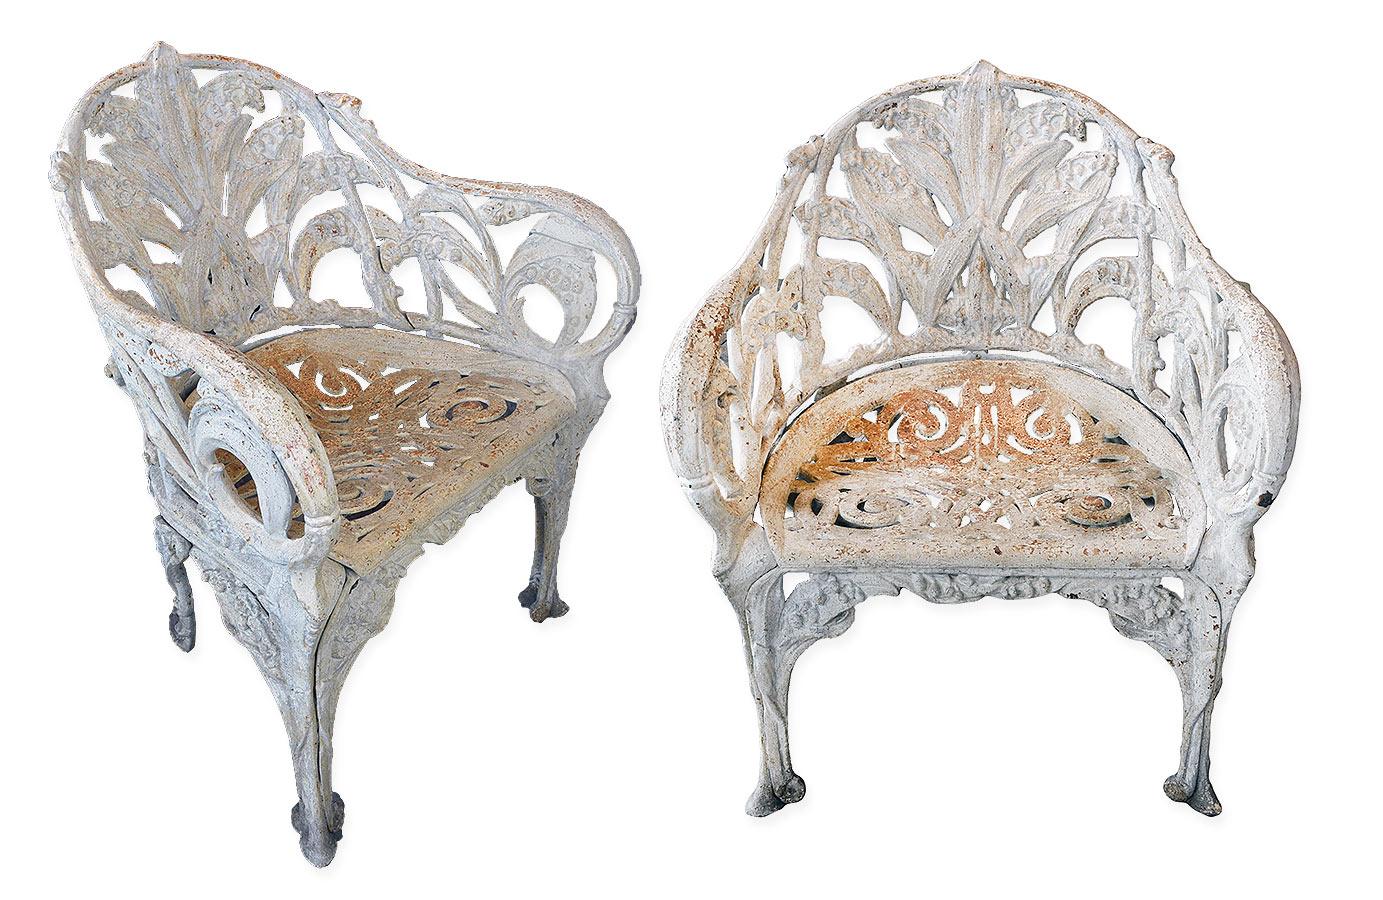 45277-cast-iron-chair-pair-1.jpg